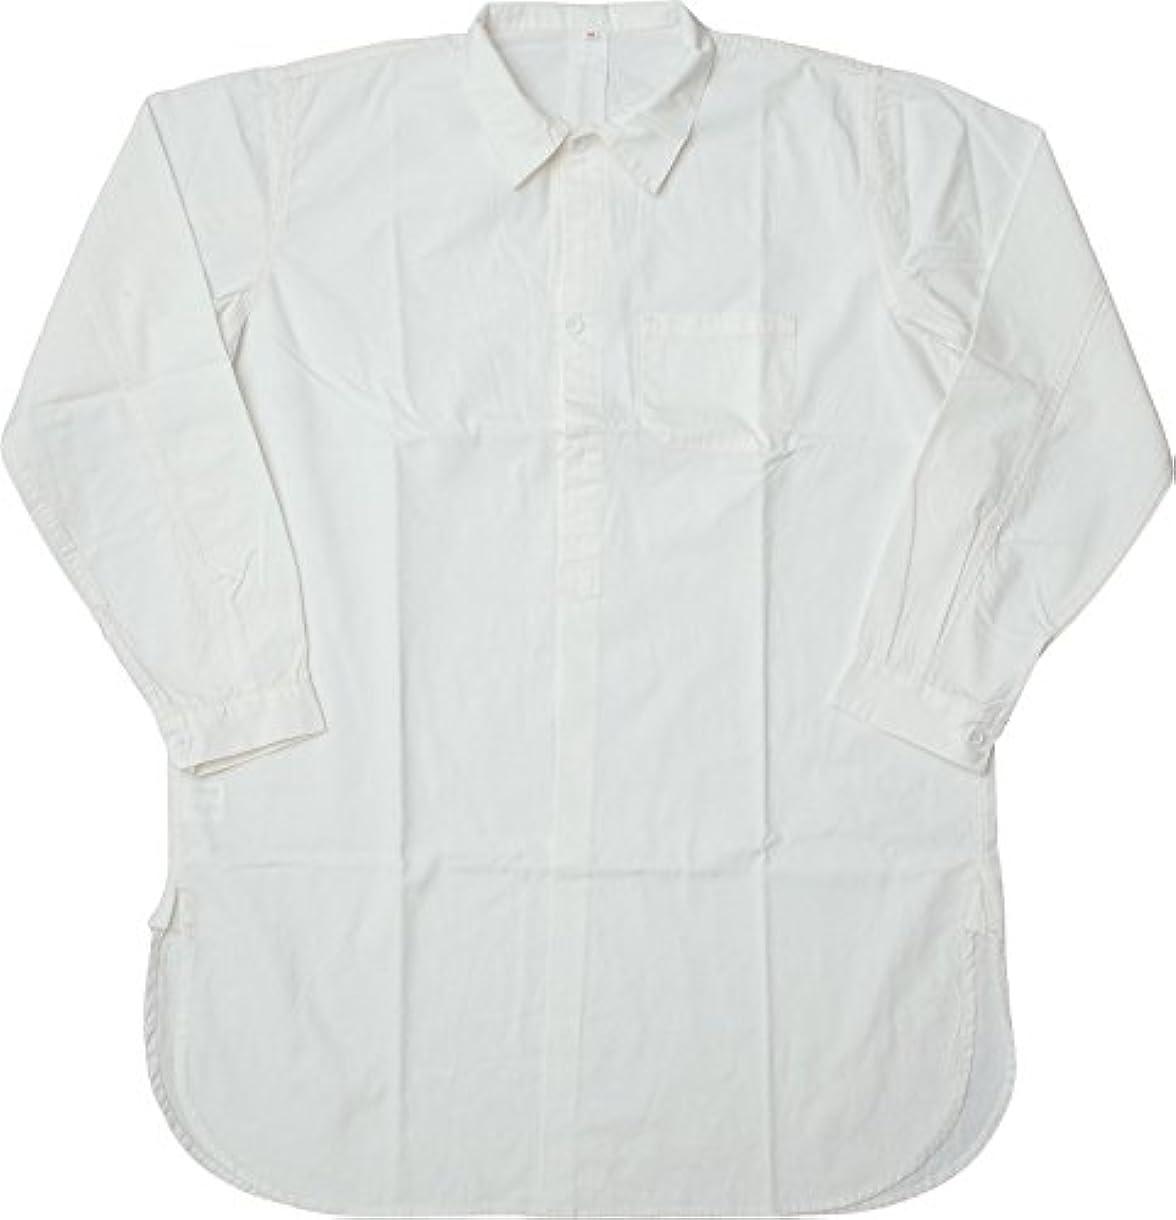 盗難添加剤マイルスウェーデン軍タイプ グランパシャツ 2ボタン 新品 【ホワイト】 (36, ホワイト)